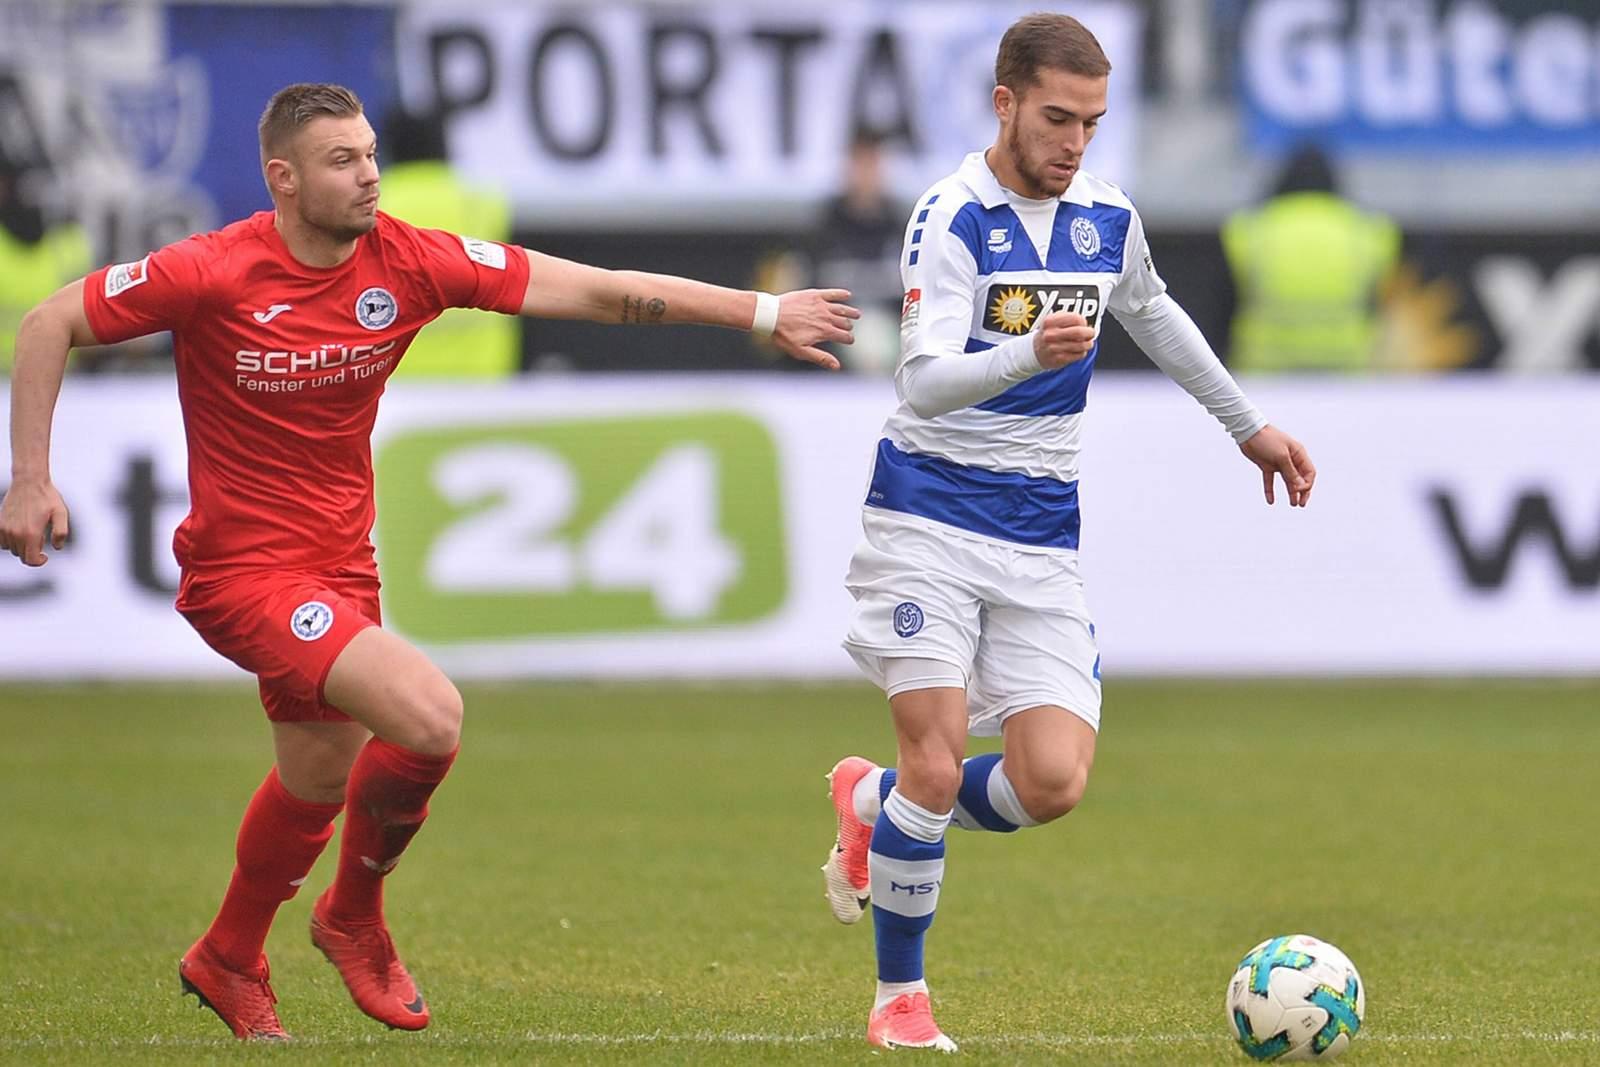 Setzt sich Hartherz gegen Engin durch? Jetzt auf Bielefeld vs Duisburg wetten